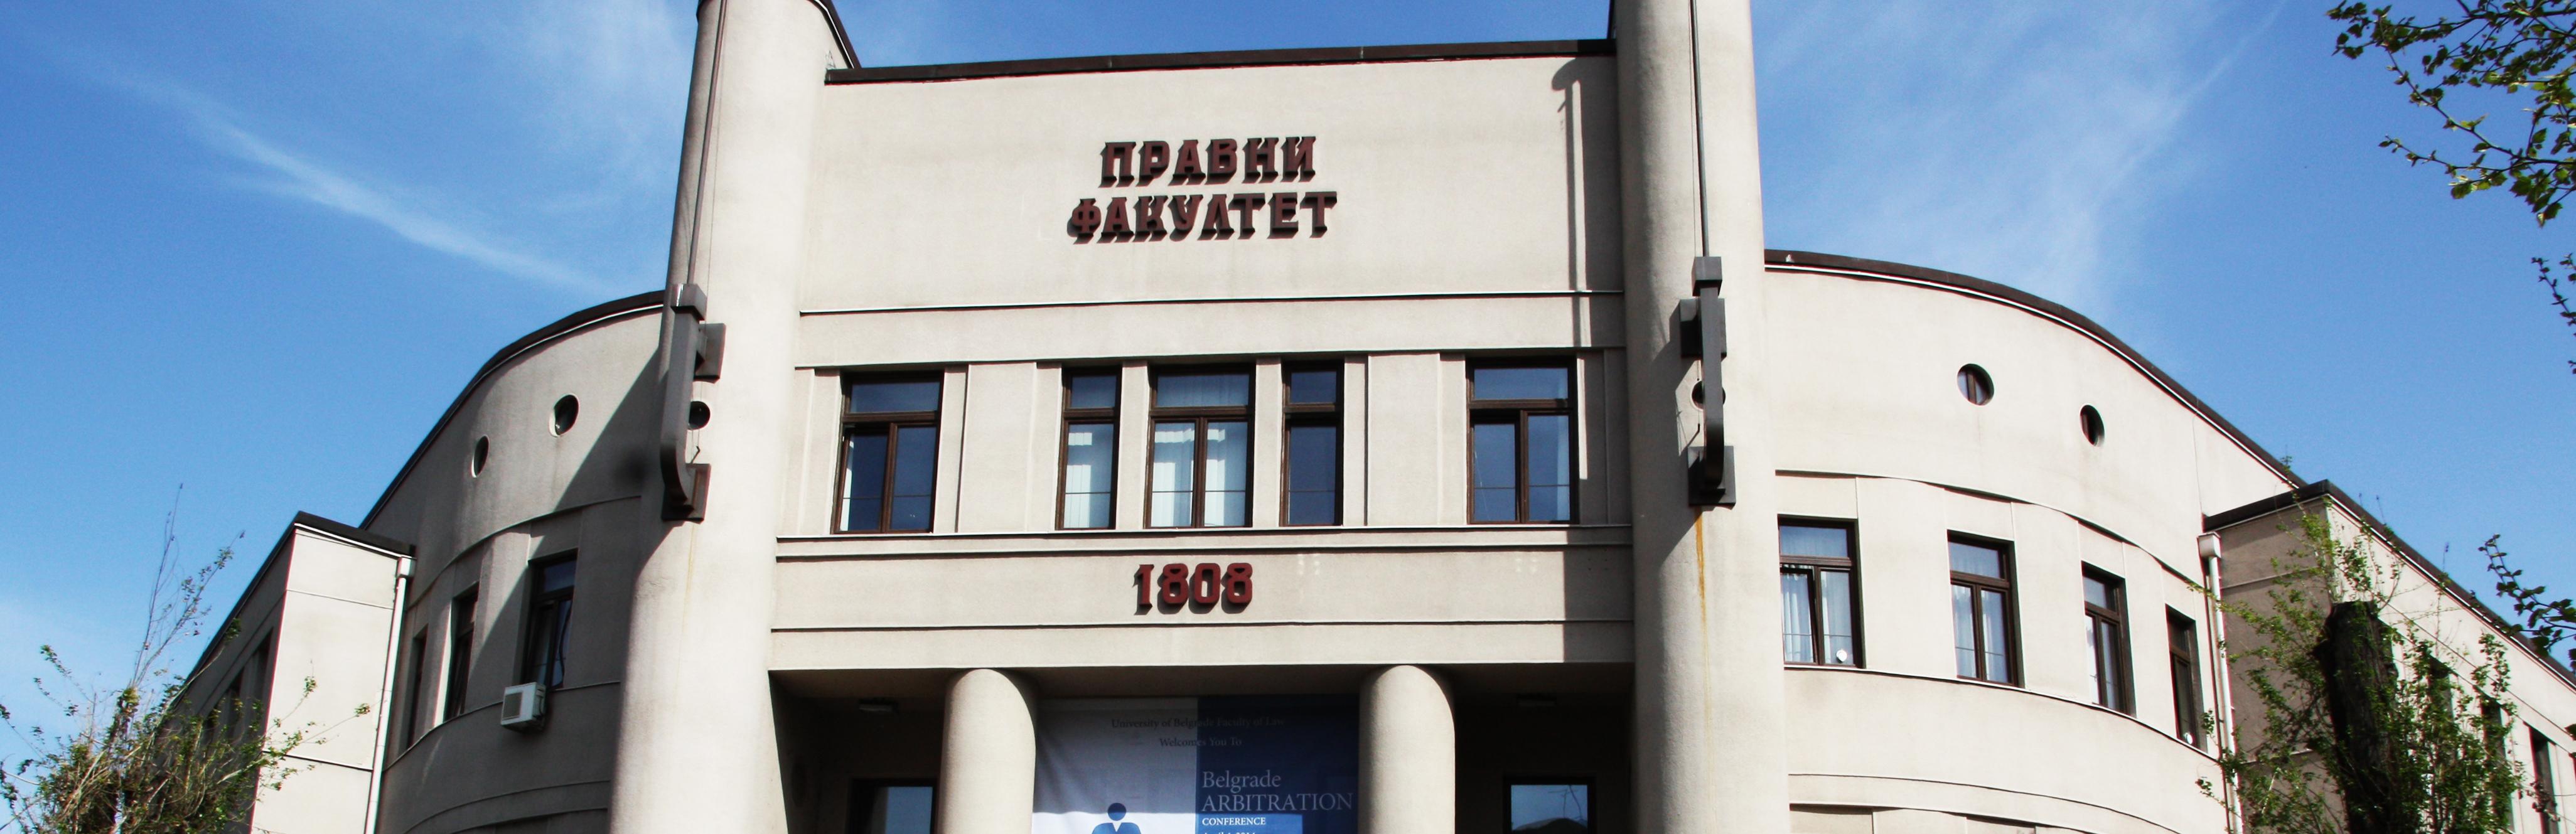 Faculty of Law Belgrade2